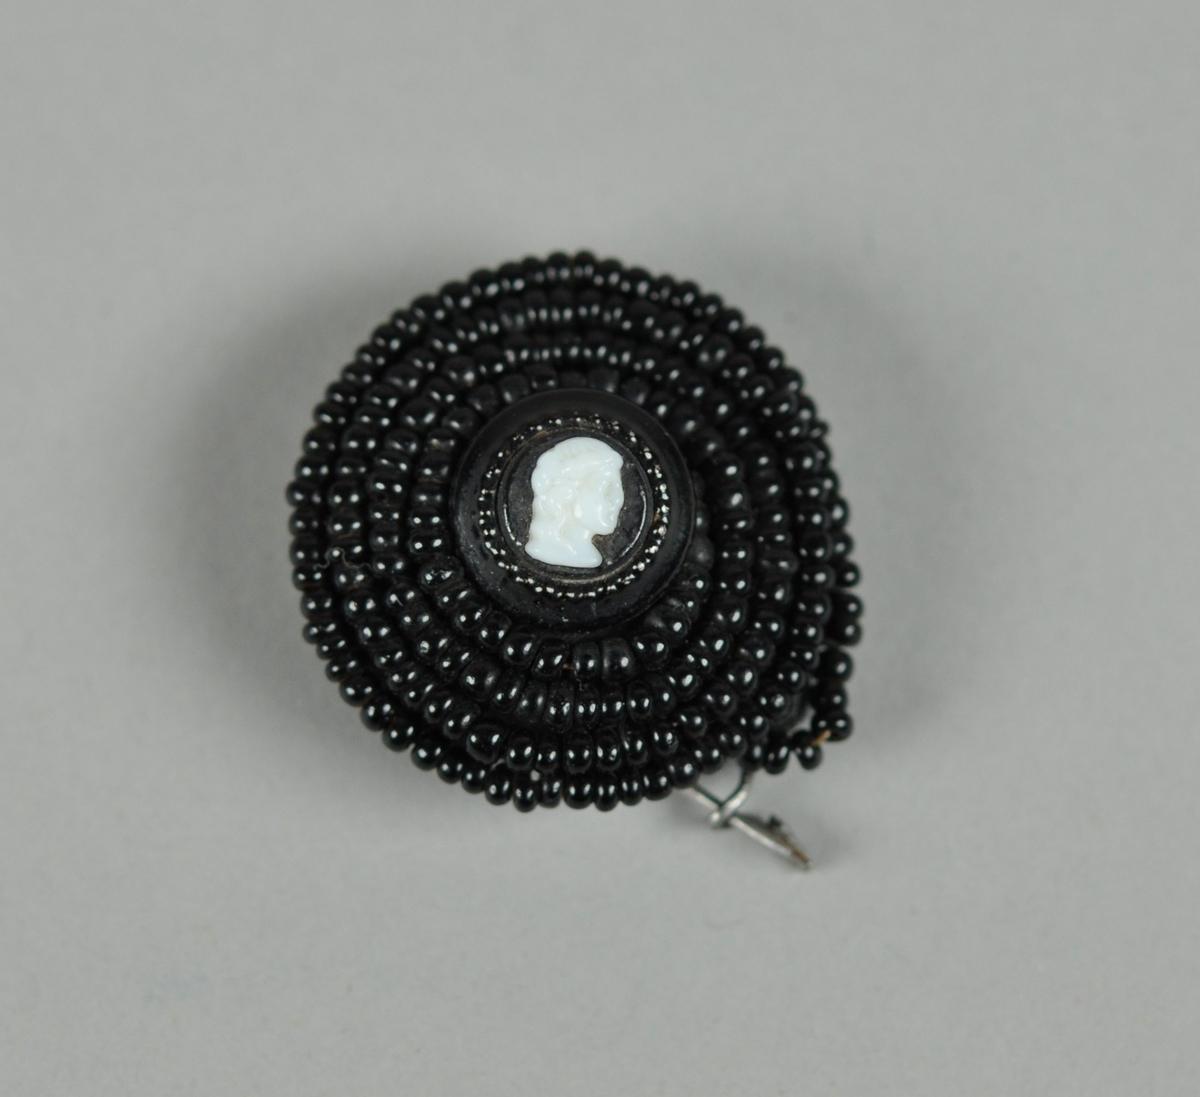 Brun brosje, sannsynligvis av bakelitt. En tråd av svarte perler er spiralisert rundt et hvit dame i profil, av bein.